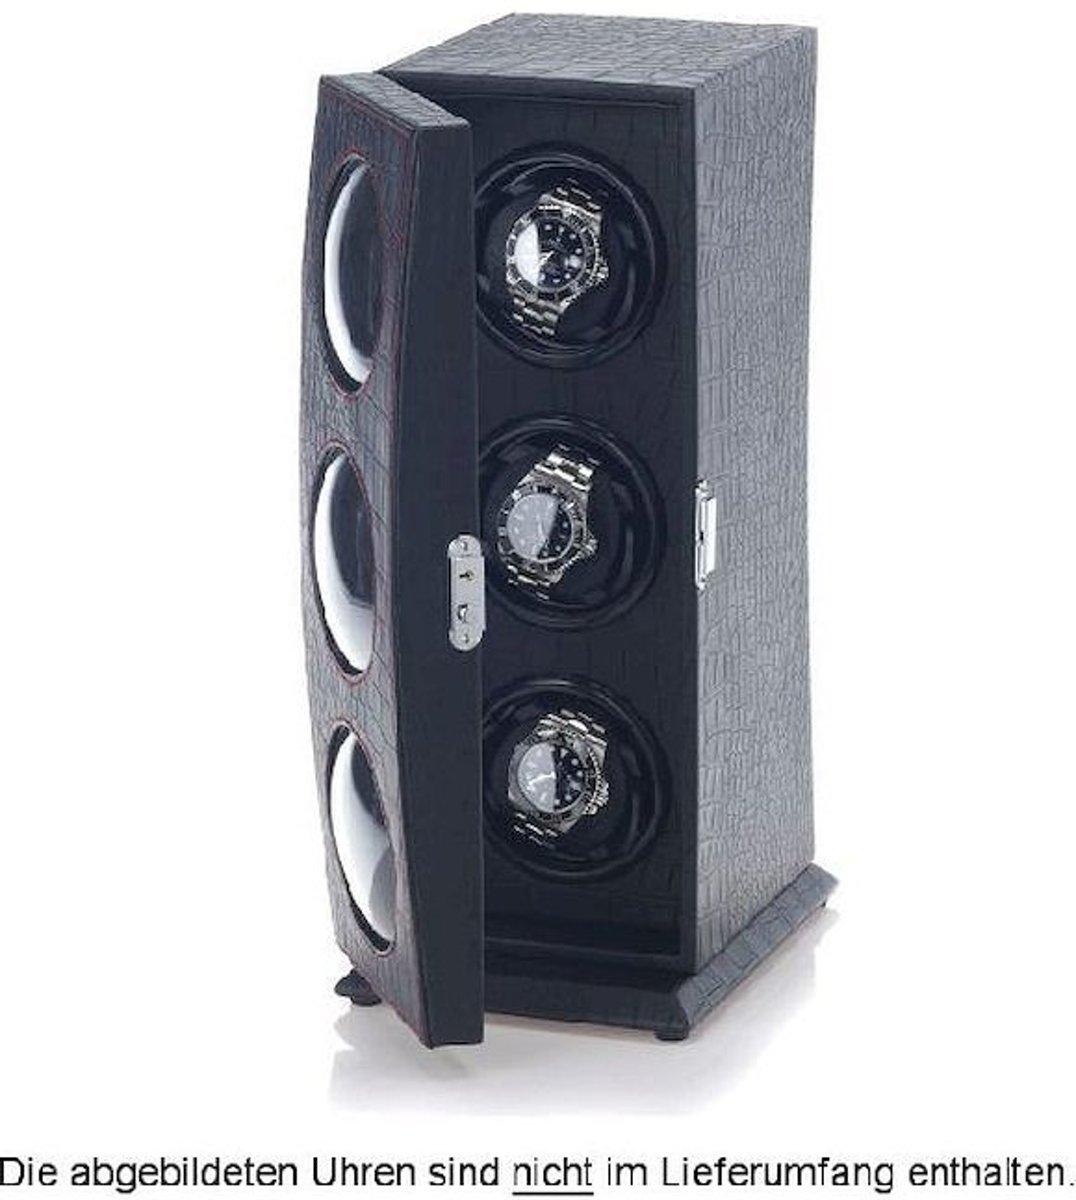 Portax Watchwinder Nautilus 3 Uhren Schwarz 1003067001 kopen